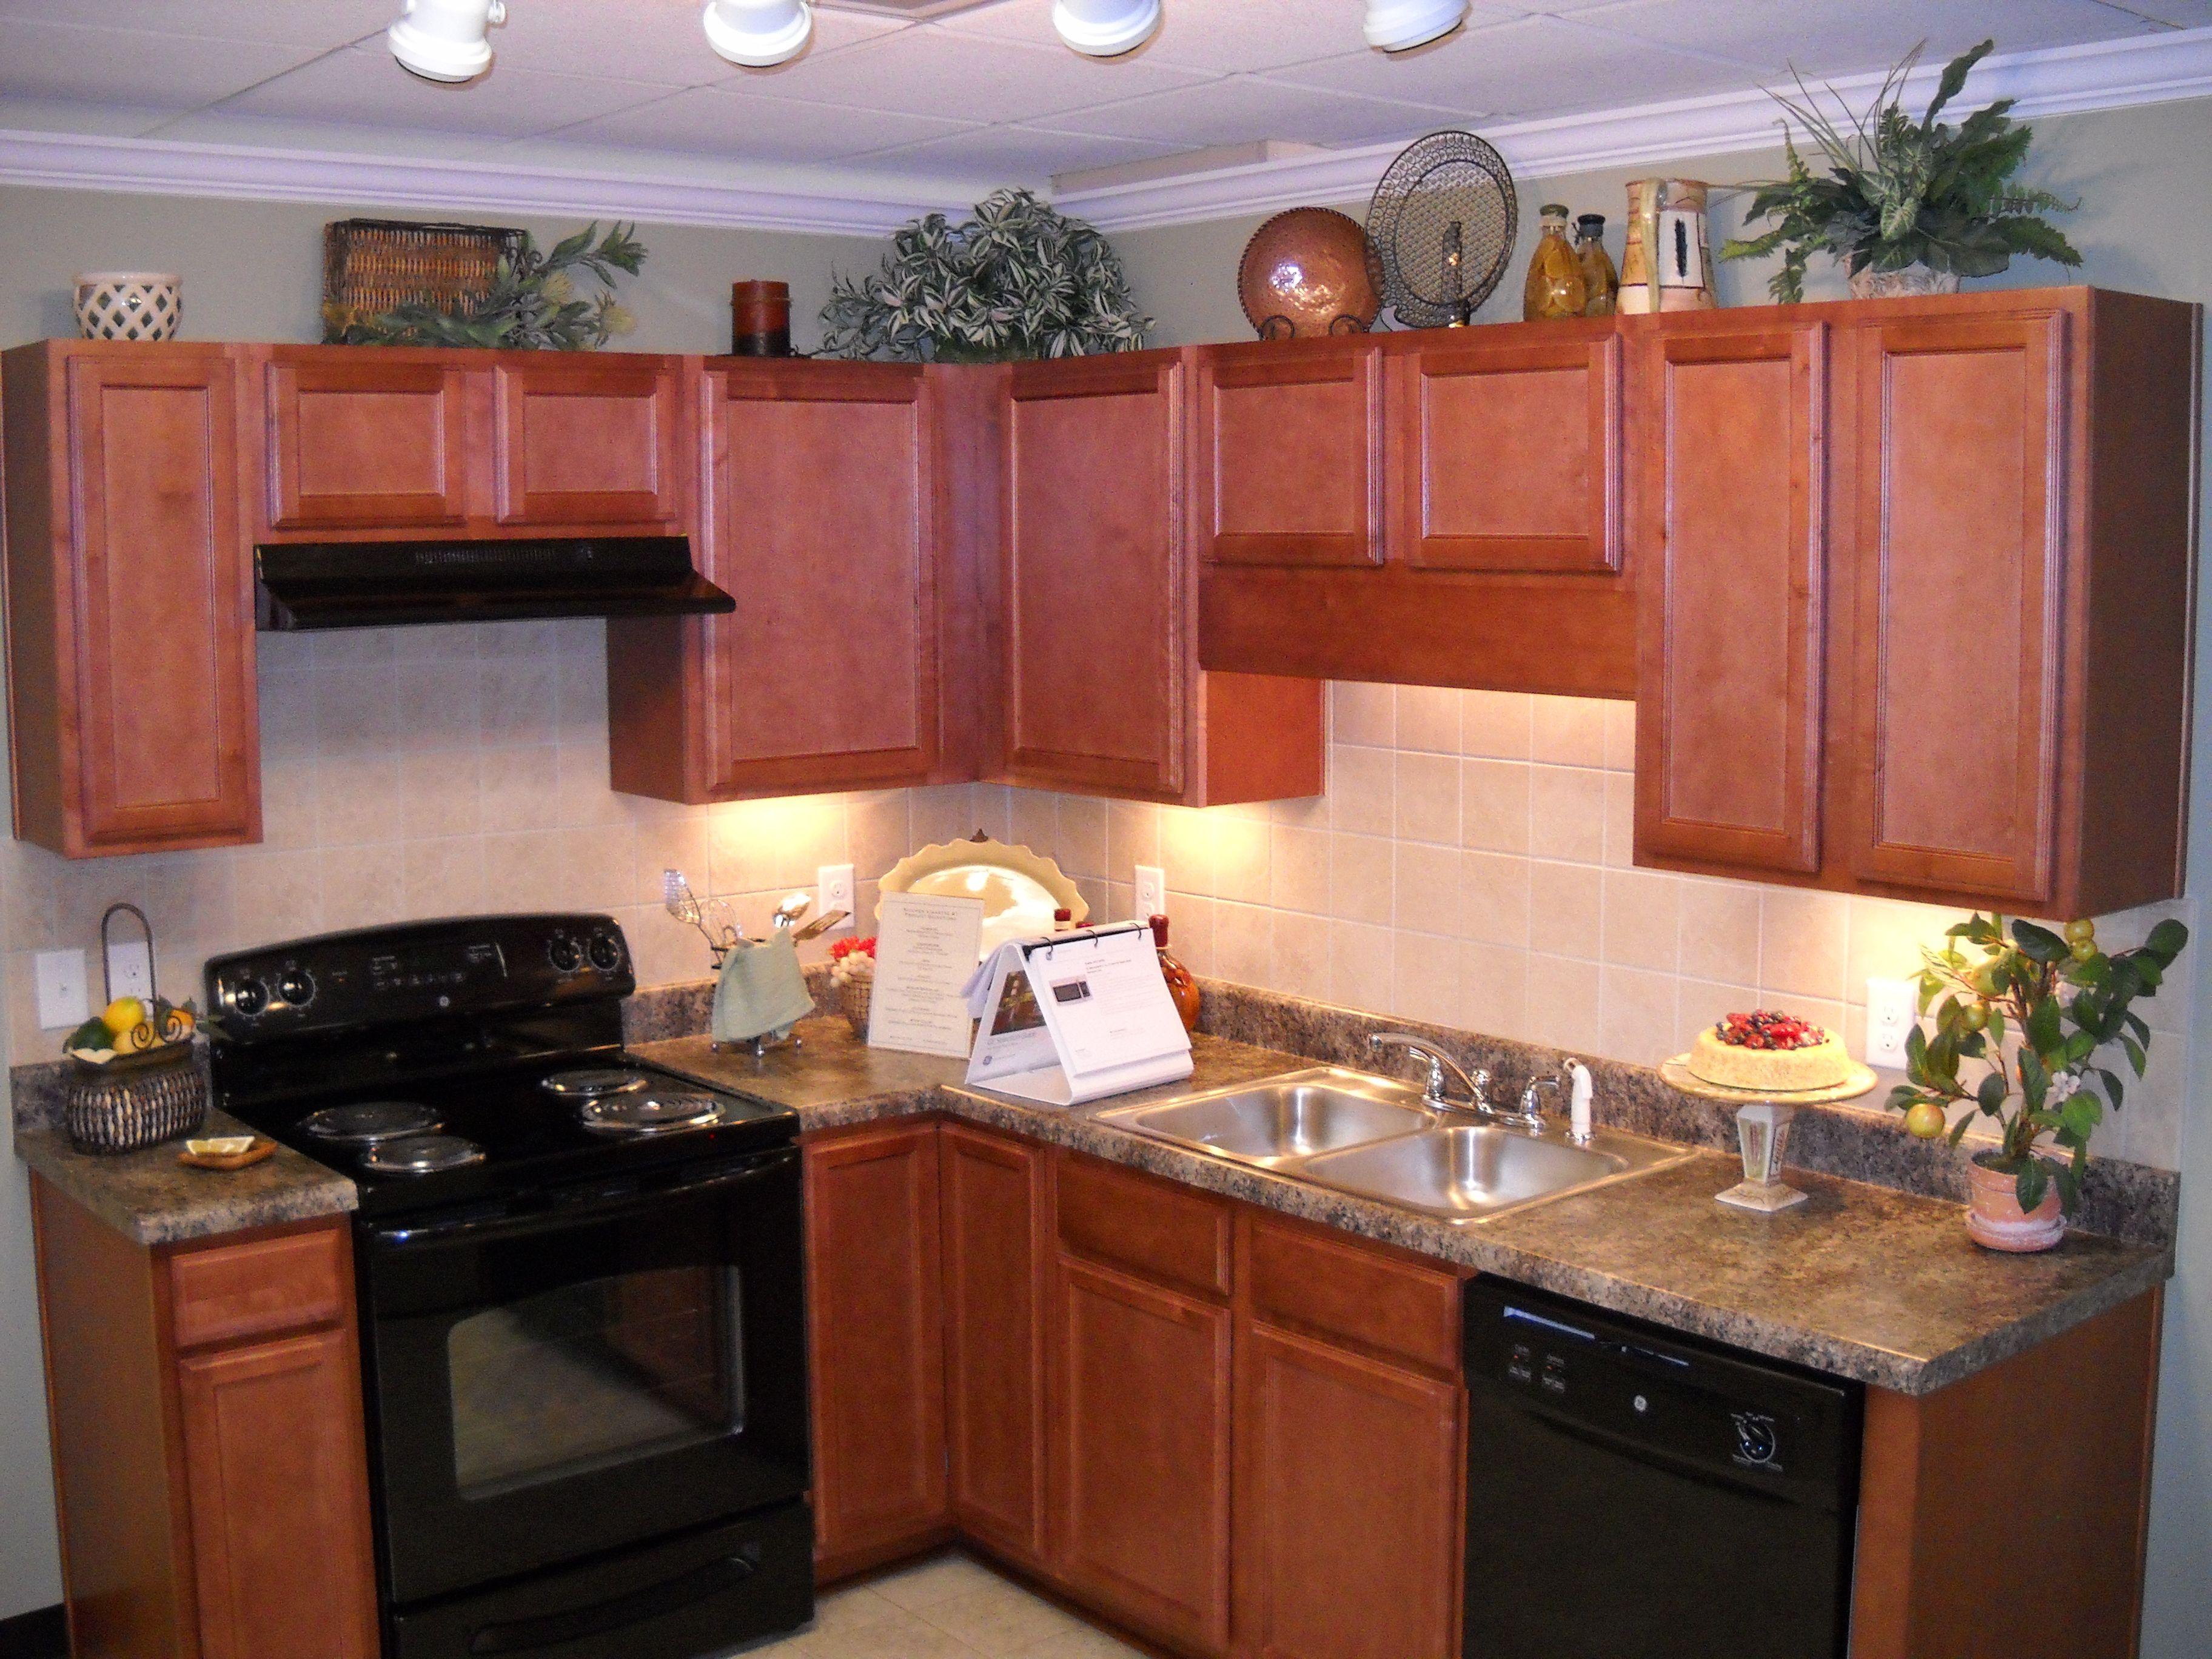 Kitchen 2 countertops, Kitchen, Home decor